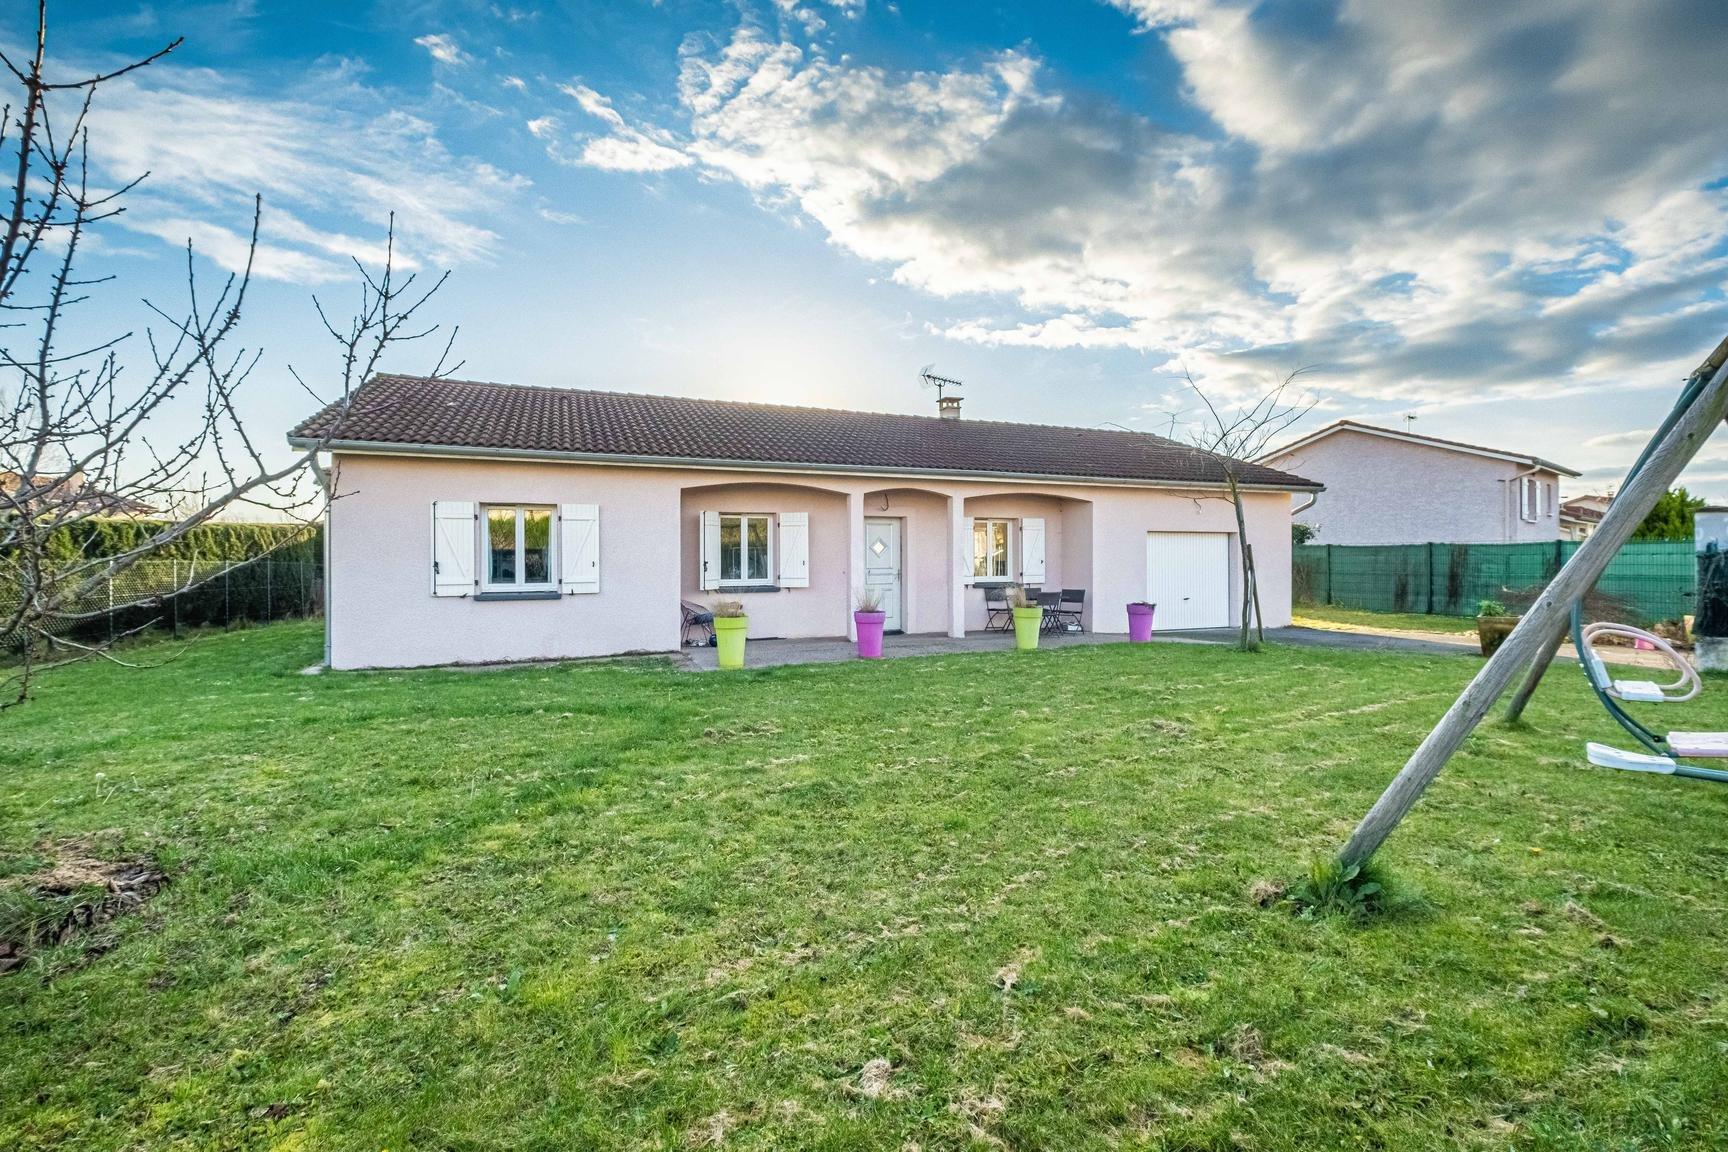 Maison de plain pied avec quatre chambre et garage